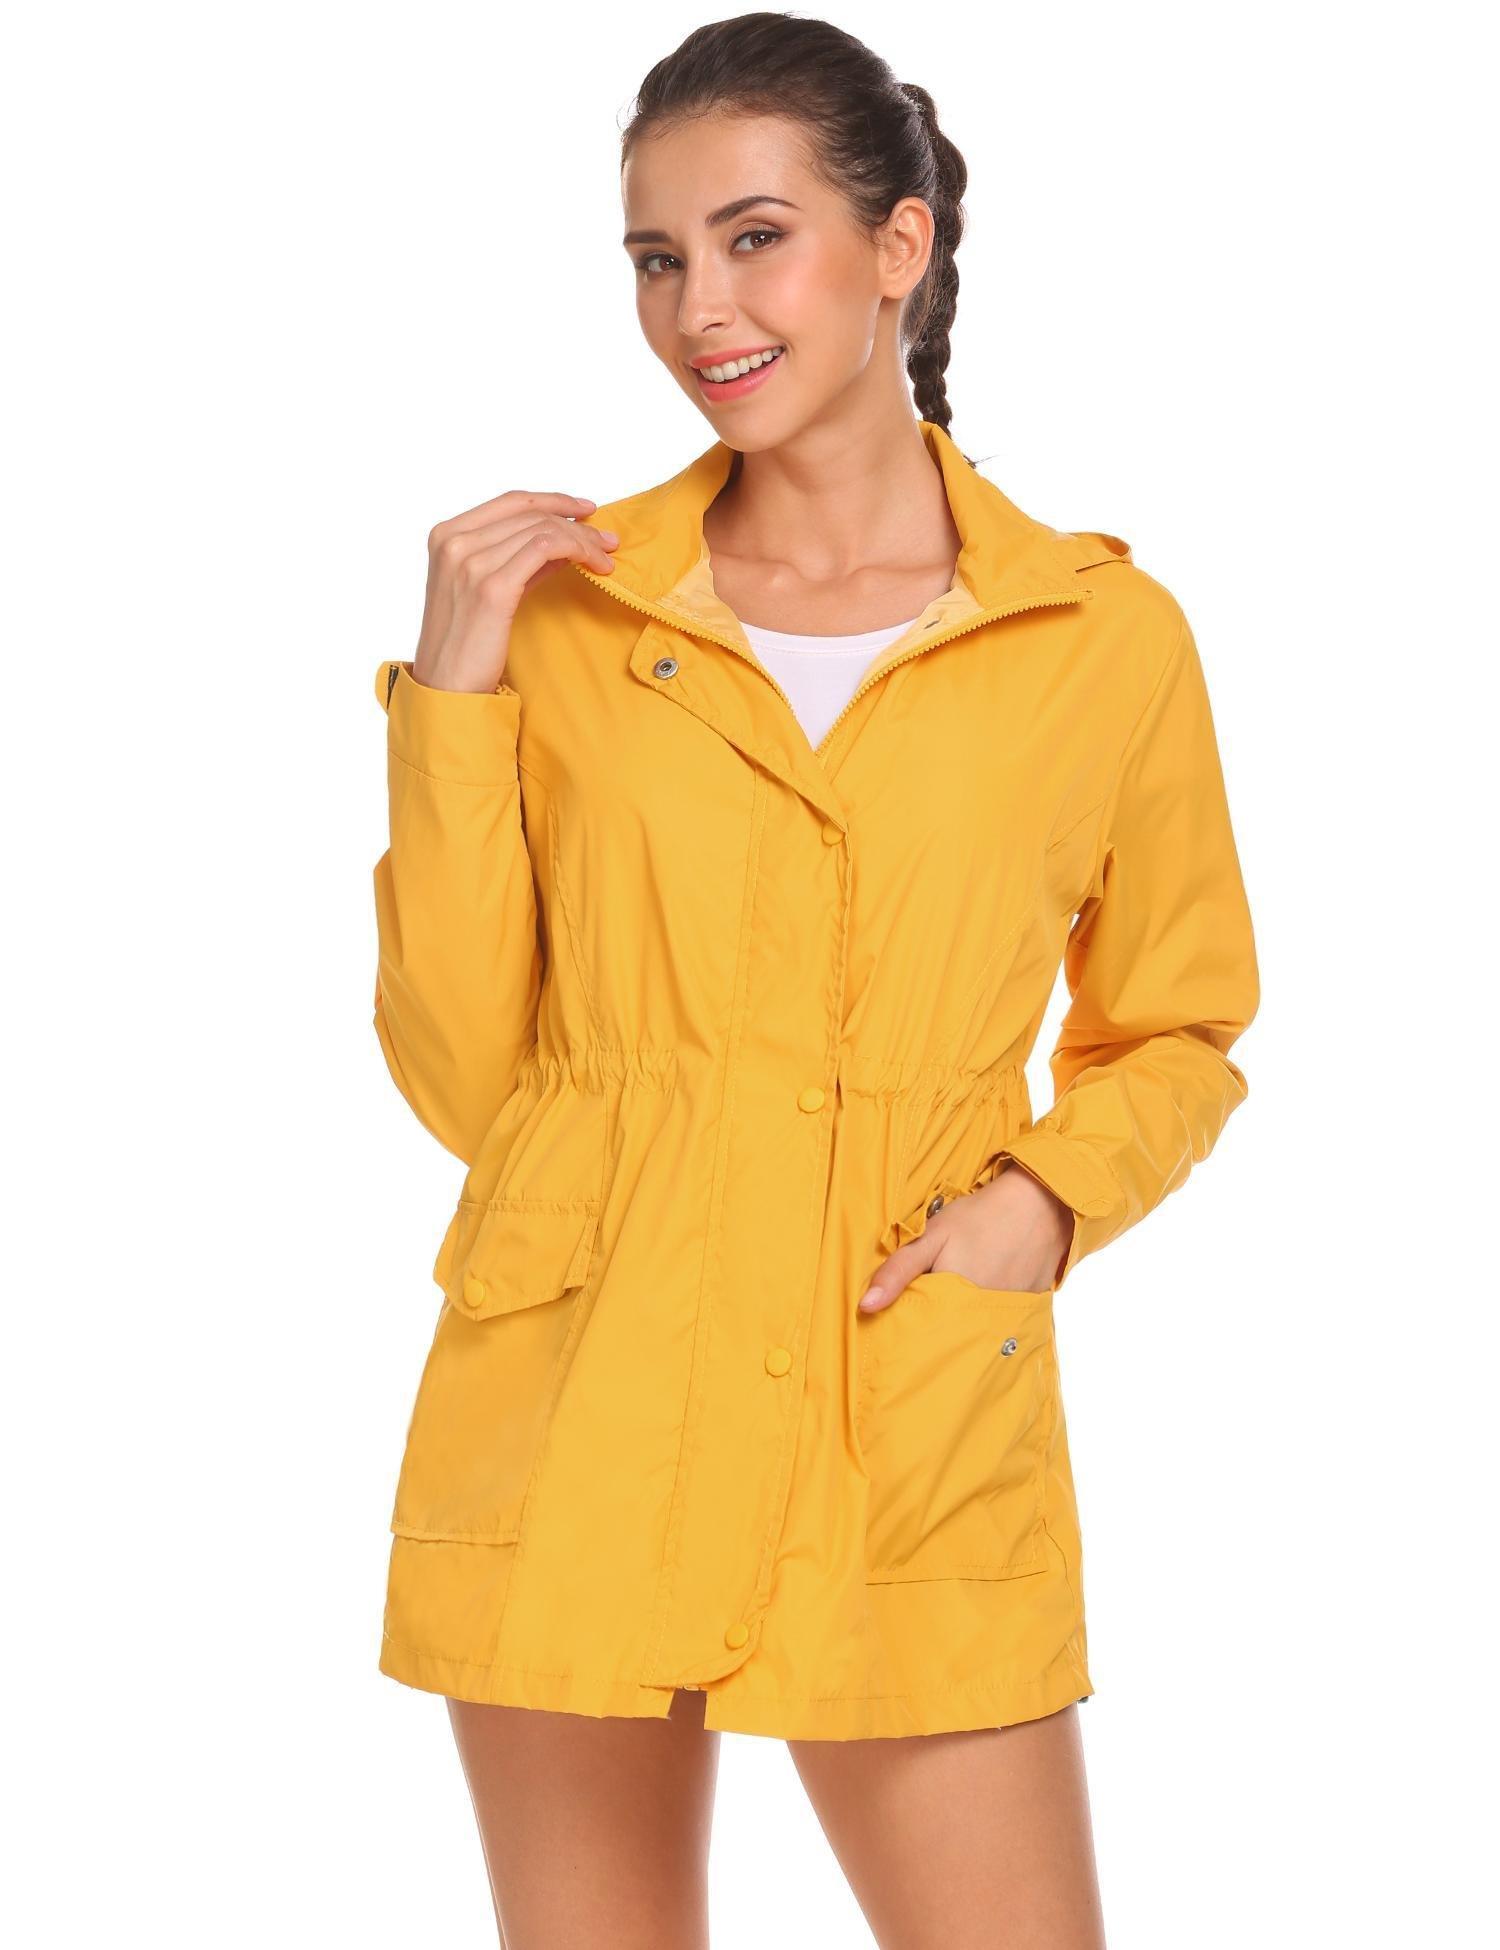 Zeagoo Women's Waterproof Zip Up Hooded Lightweight Windbreaker Outdoor Anorak Jacket Raincoat,Yellow,Medium